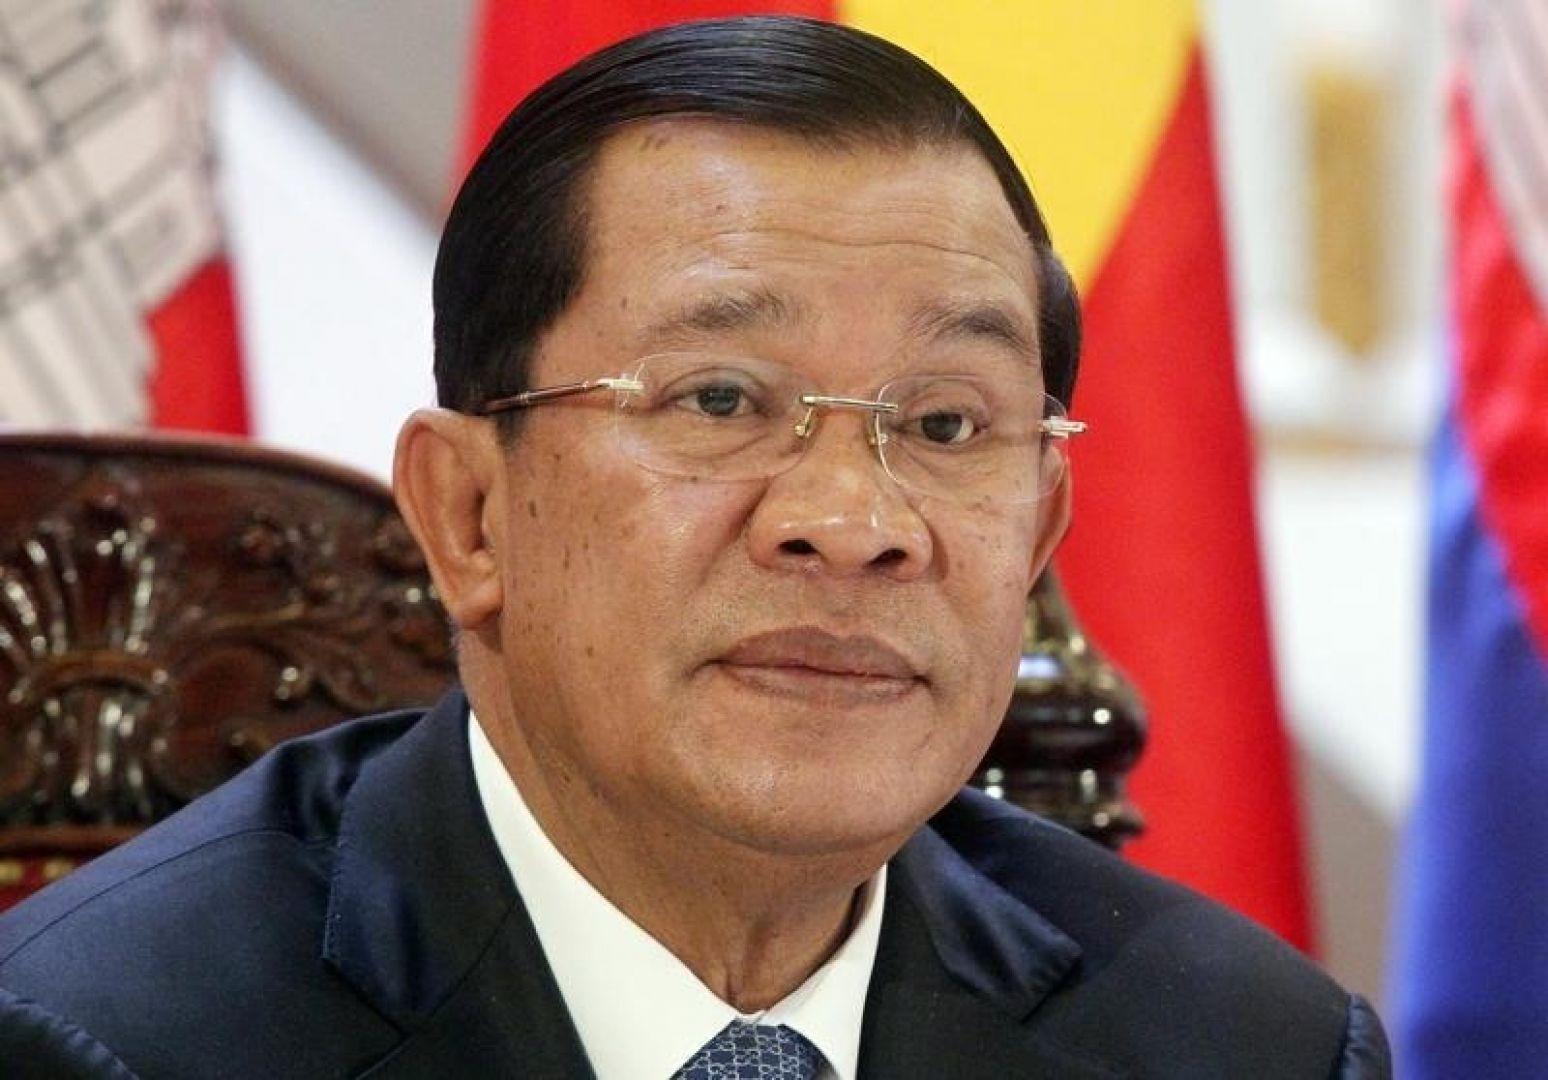 Cambodian Politician Hun Sen - age: 68